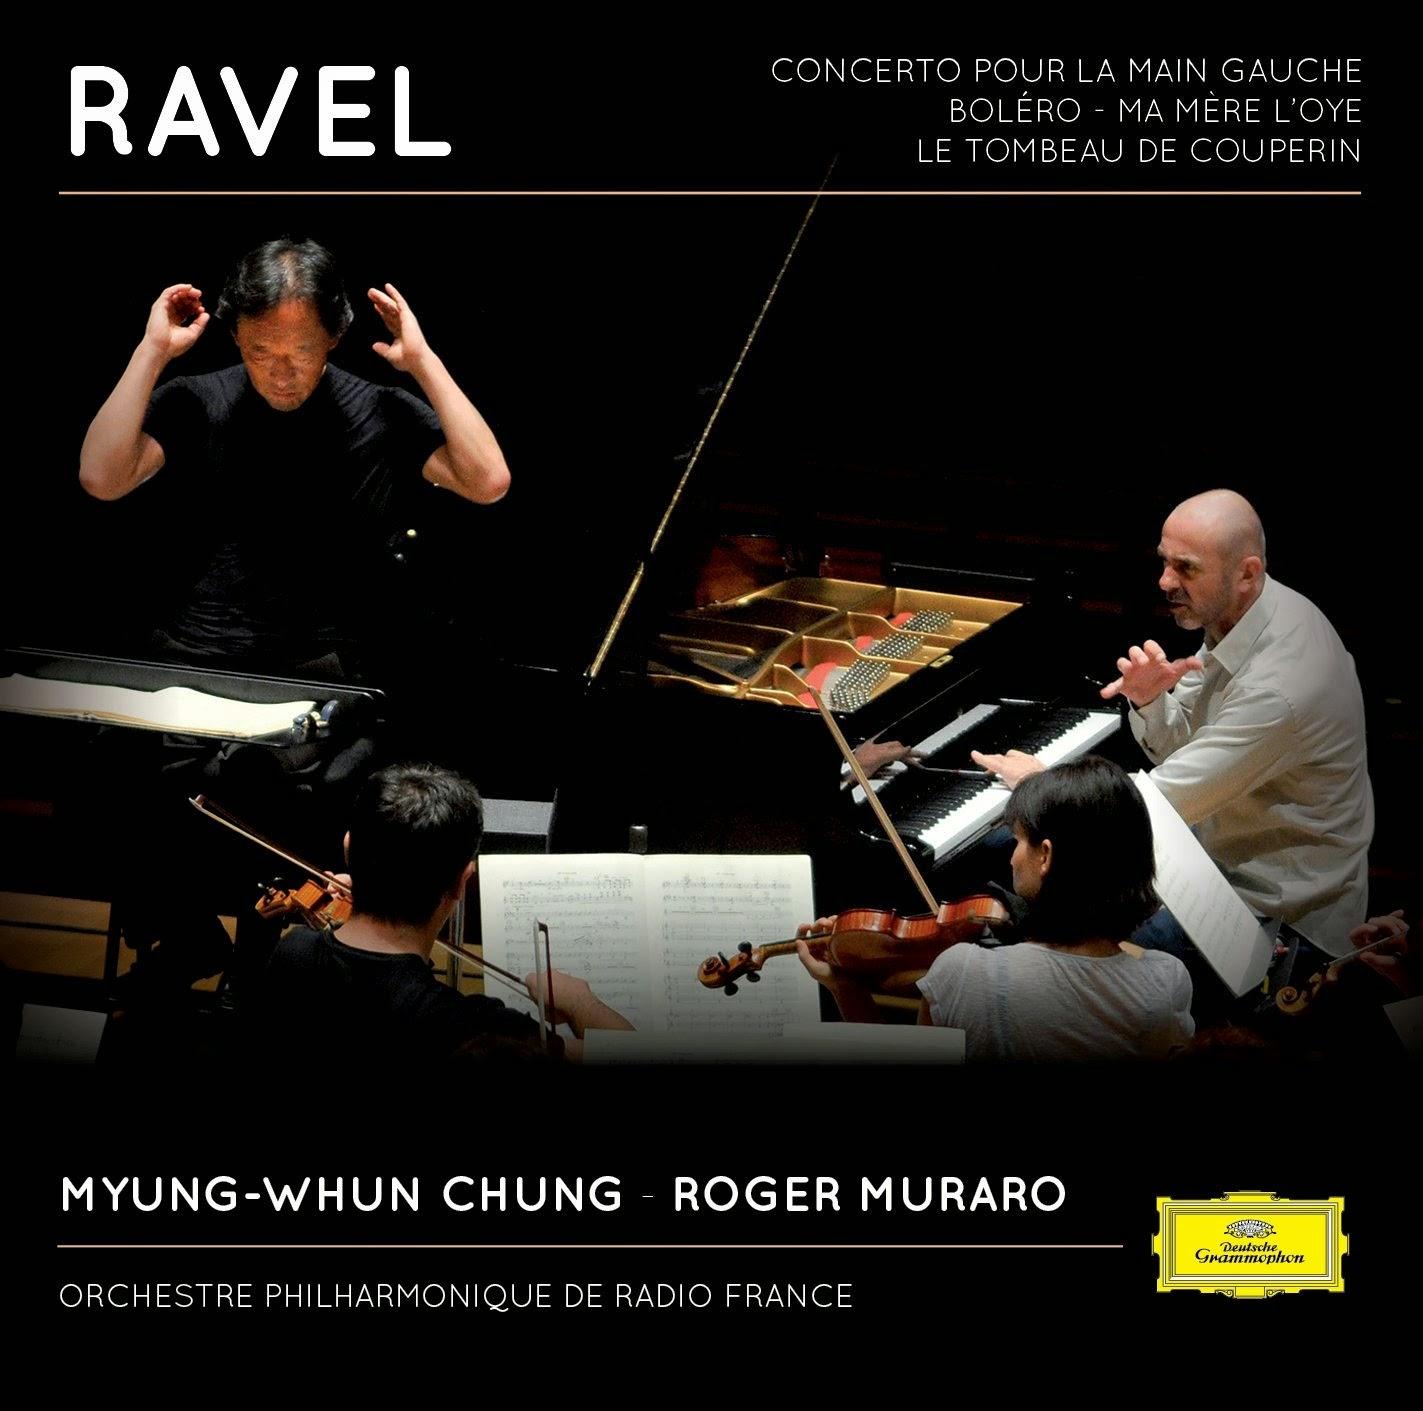 Myung-Whun Chung & Roger Muraro